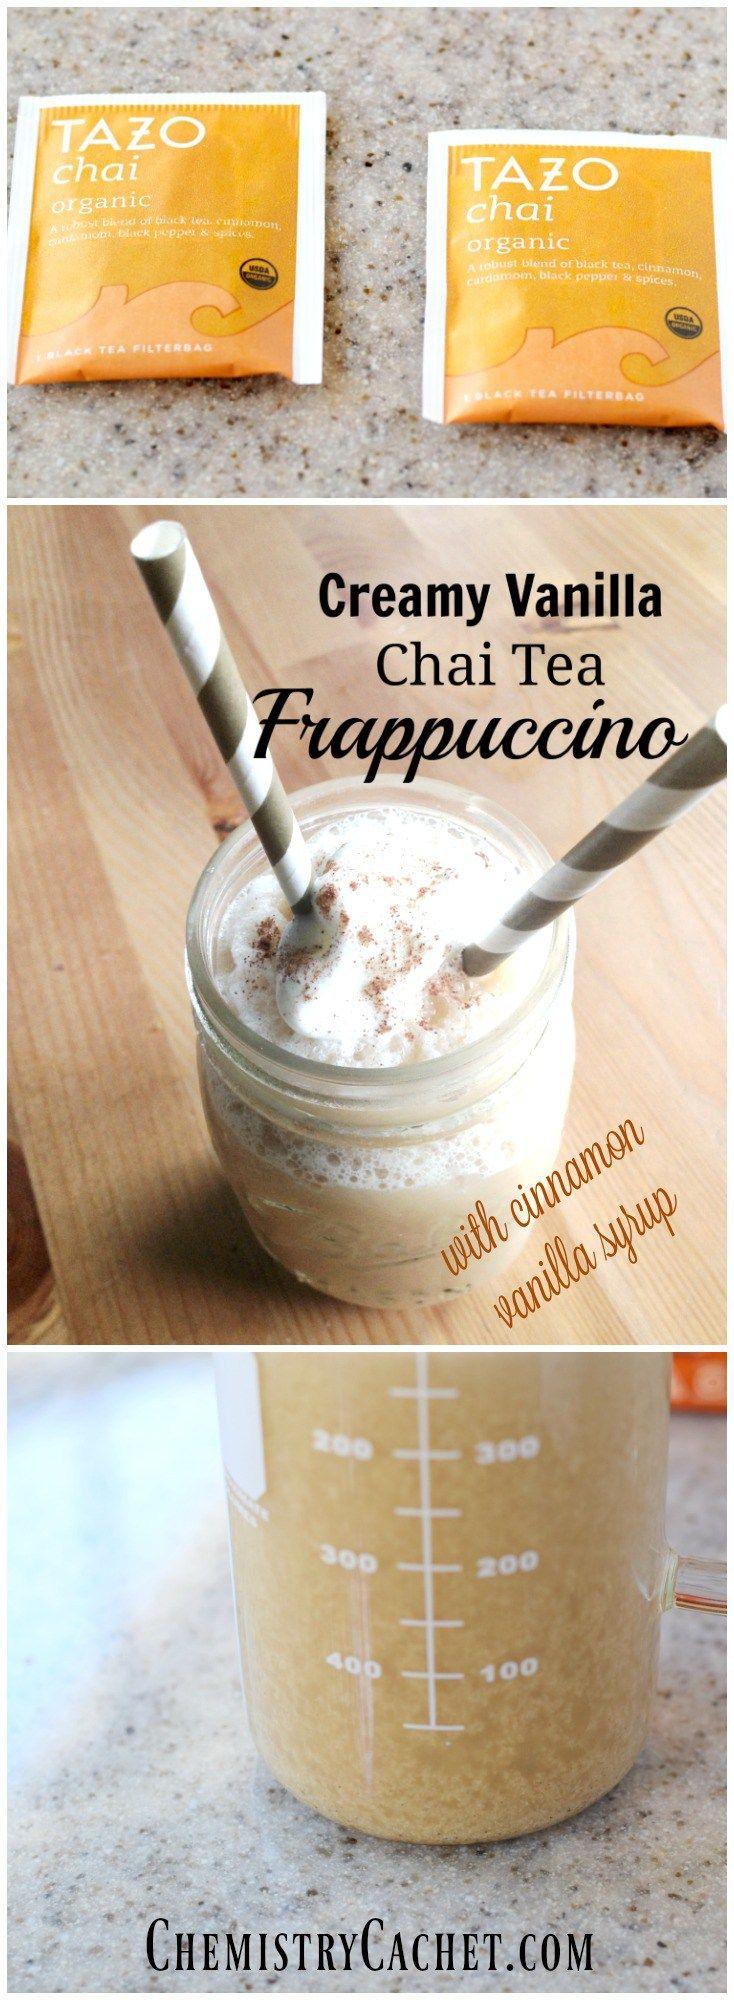 Creamy Vanilla Chai Tea Frappuccino complete with a cinnamon vanilla syrup! This…